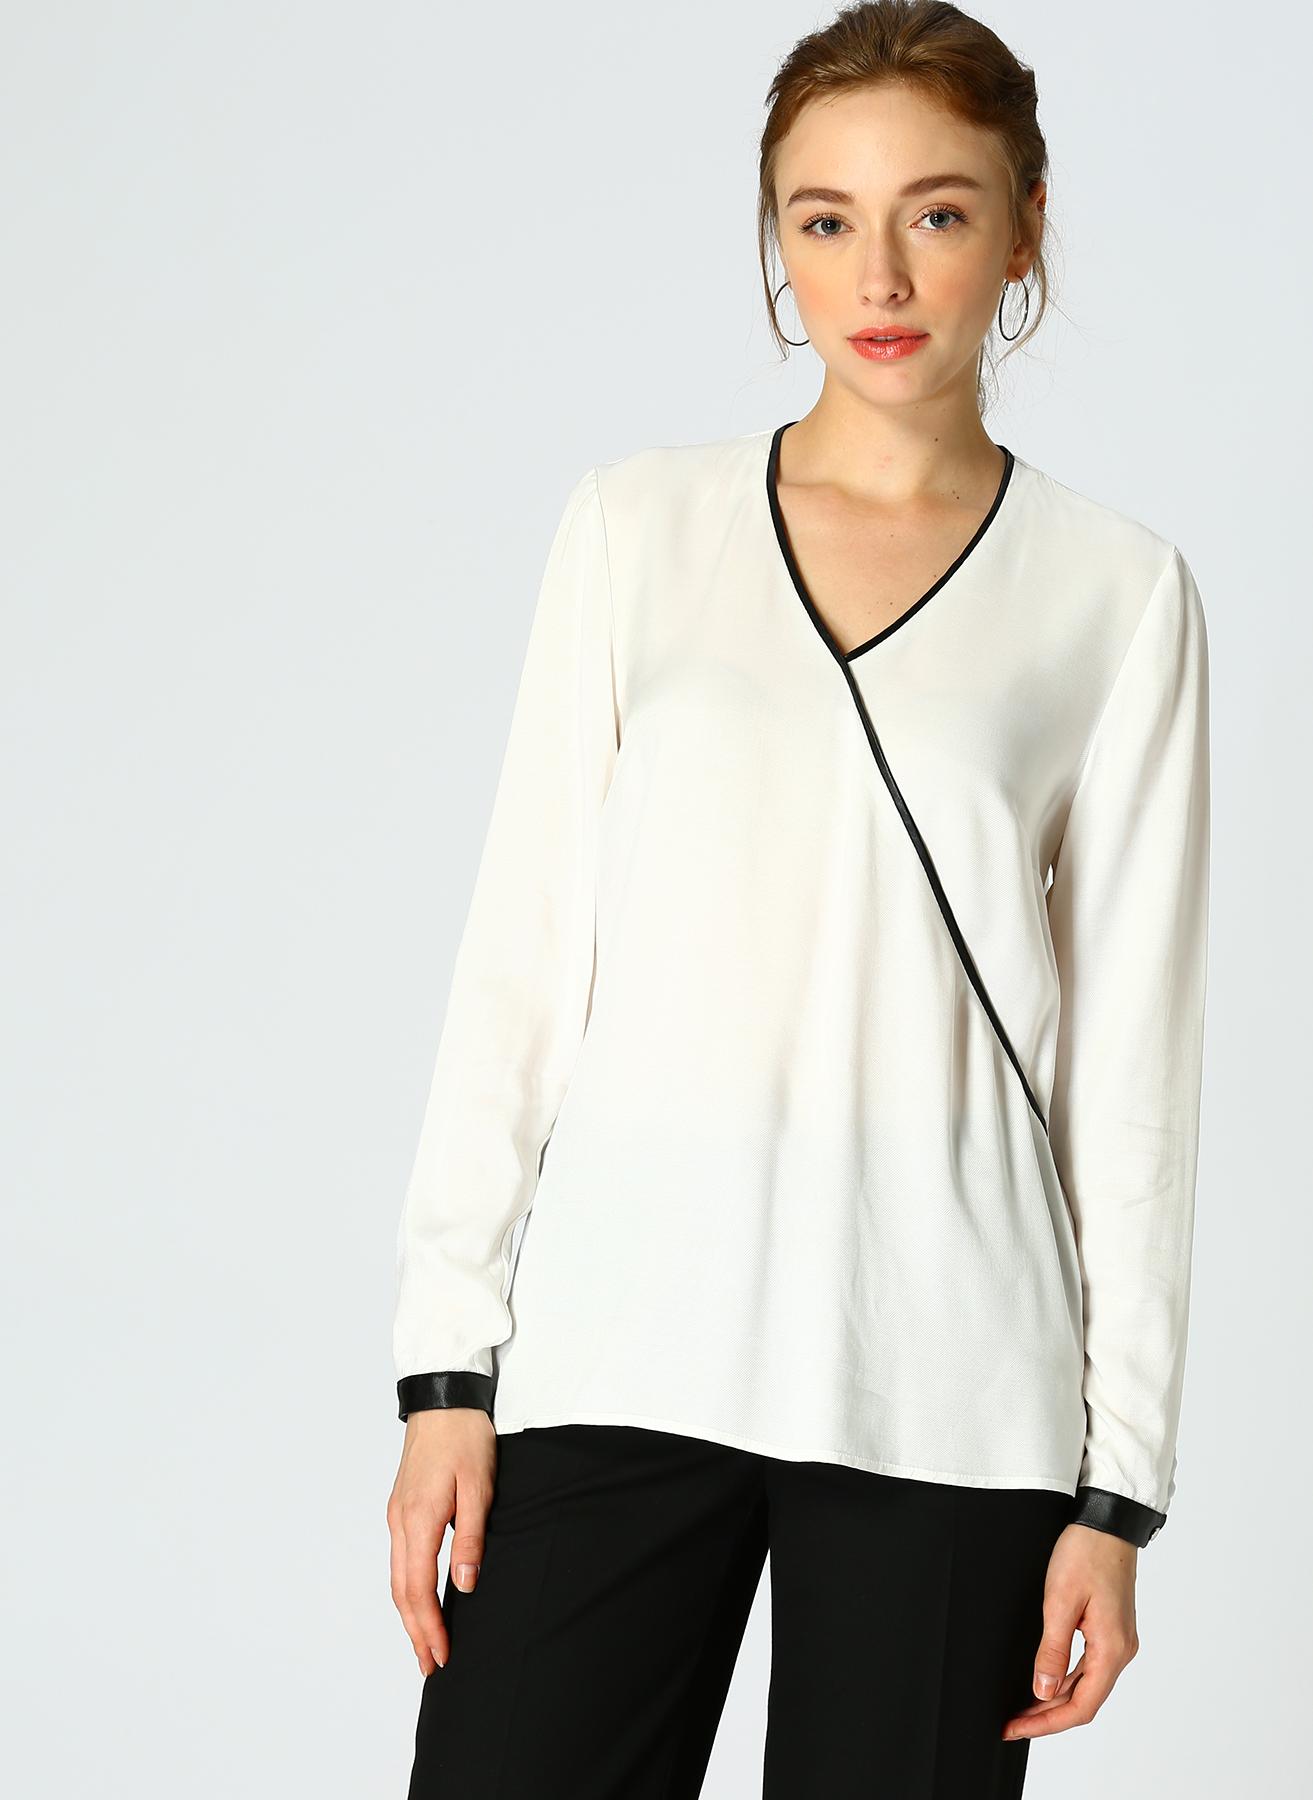 Naramaxx Anvelop Beyaz Bluz 36 5002302931001 Ürün Resmi